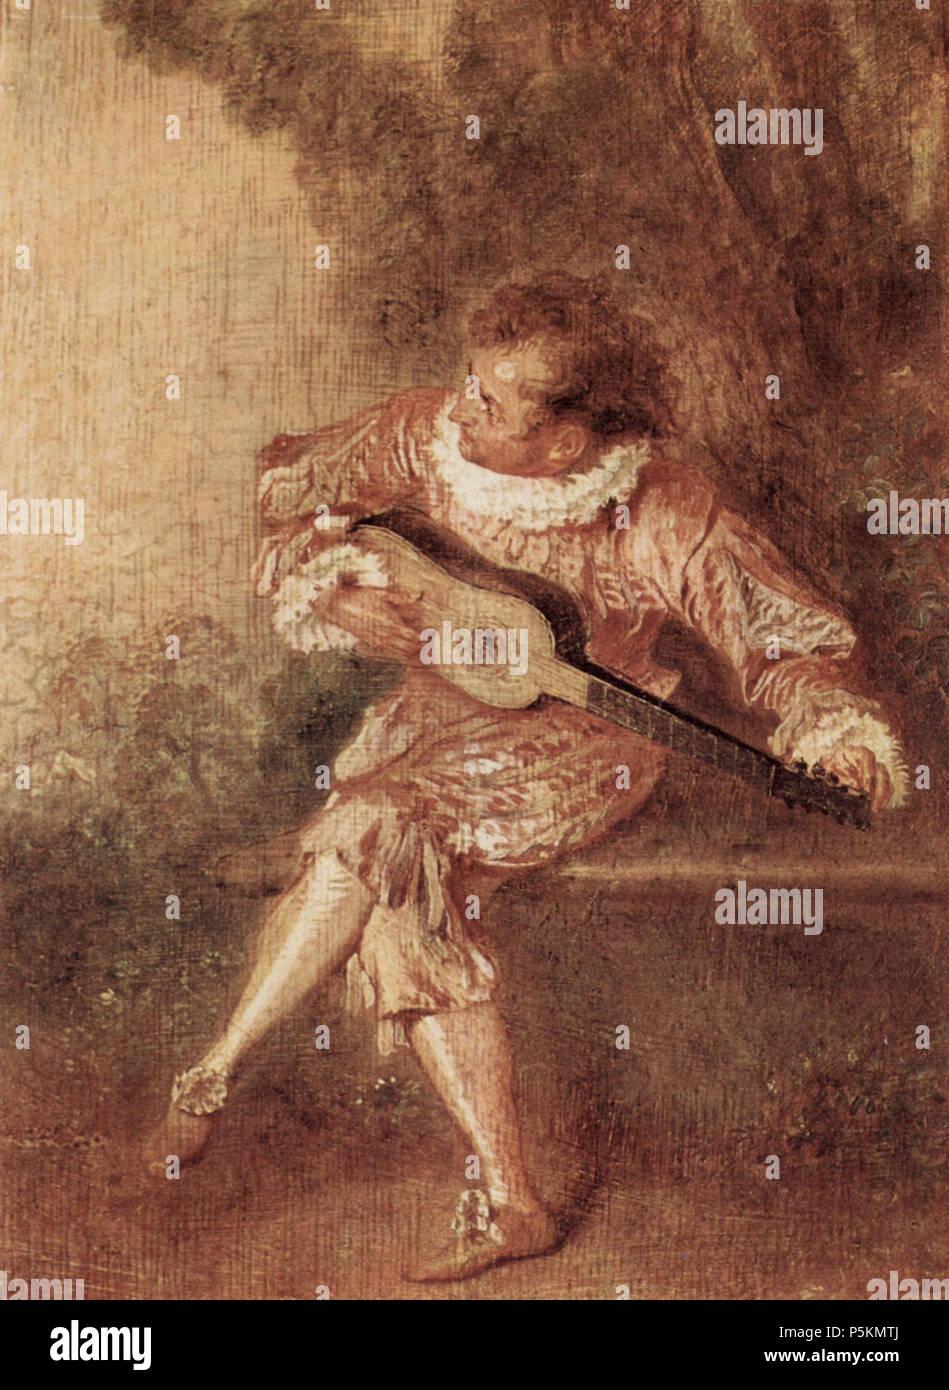 Deutsch: Die Serenate Français: Le donneur de sérénades (Mezetin)  circa 1715. N/A 110 Antoine Watteau 031 - Stock Image